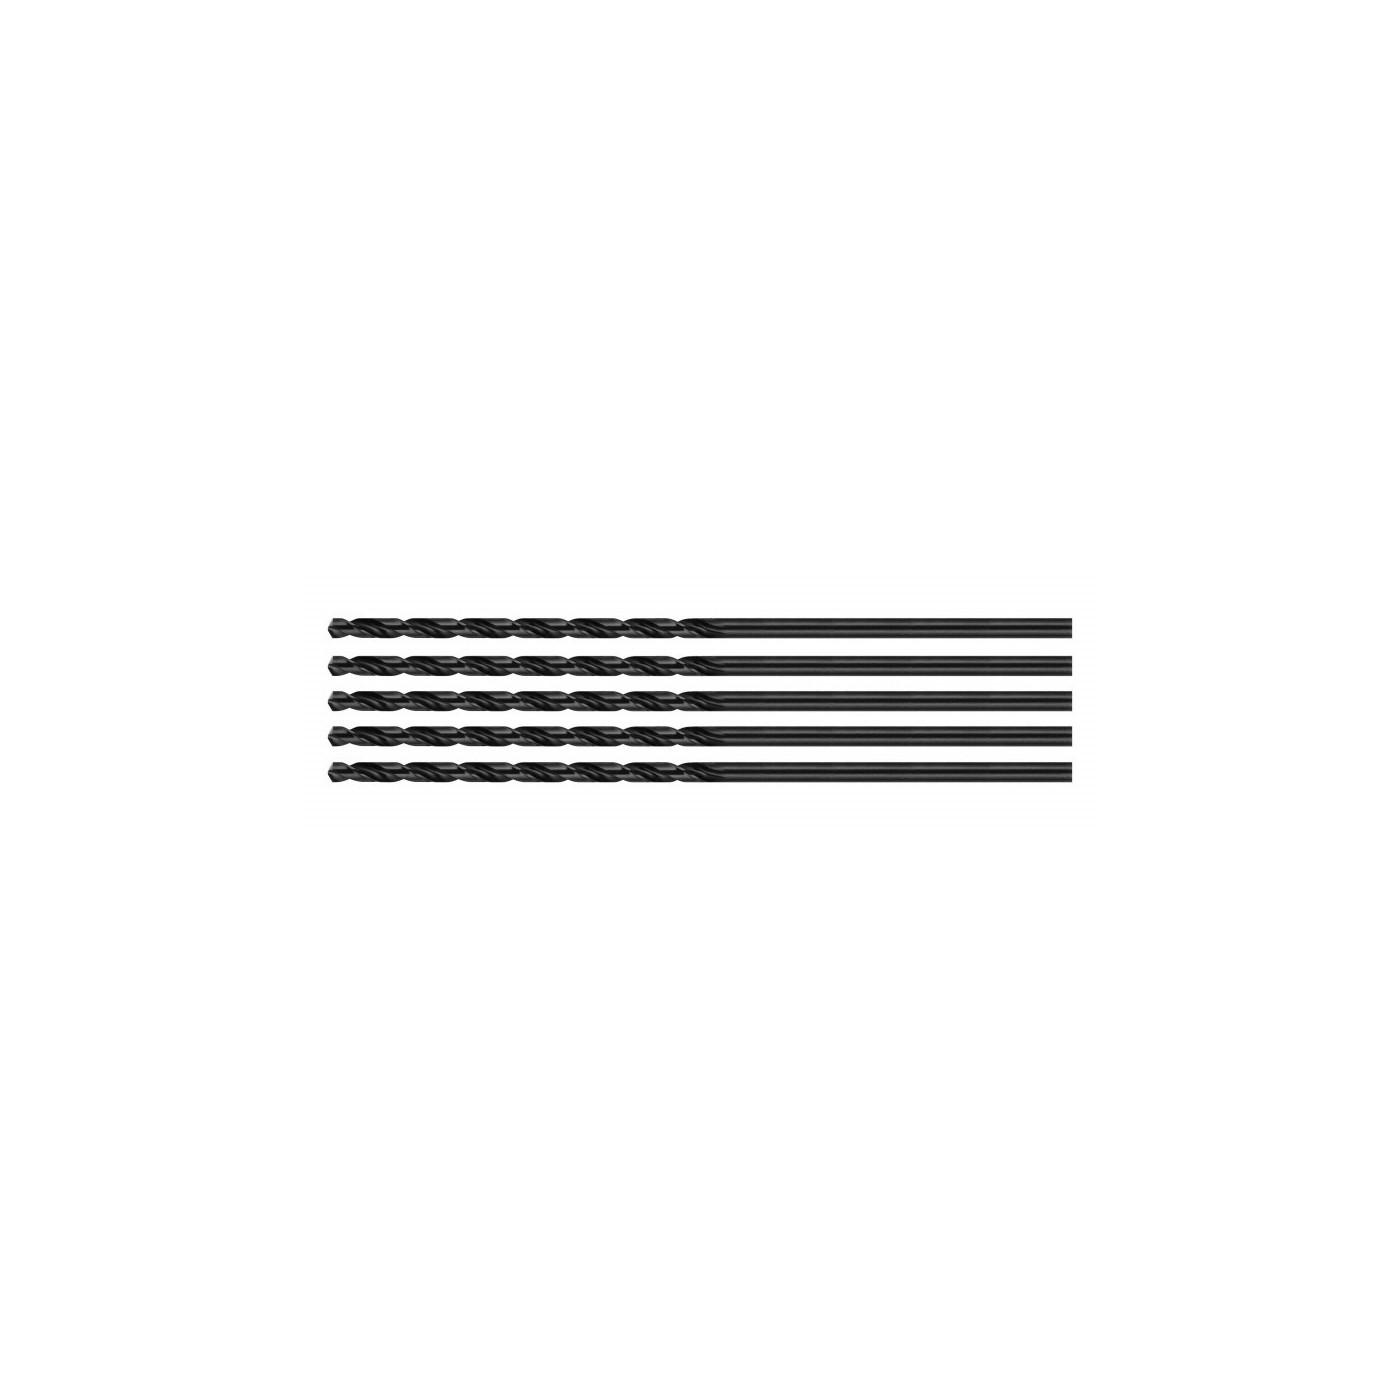 Set van 5 metaalboren (HSS, 3,2x100 mm)